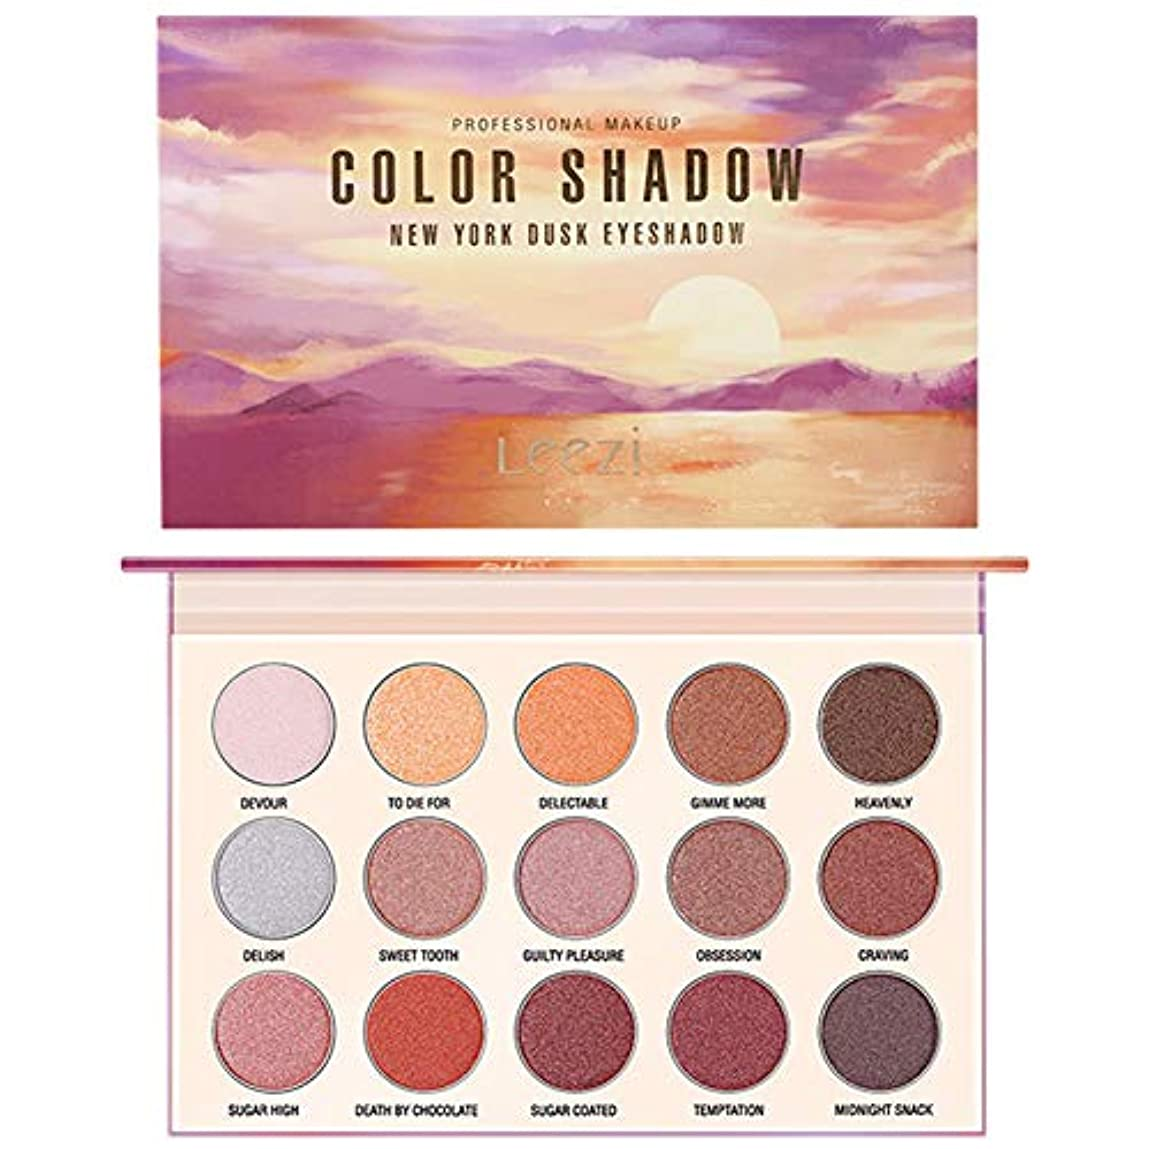 正気仕方カメラアイシャドウパレットGee-rgeous 15色マットシマーアースカラー丈夫な美しさ高度に着色された繊細な化粧品防水